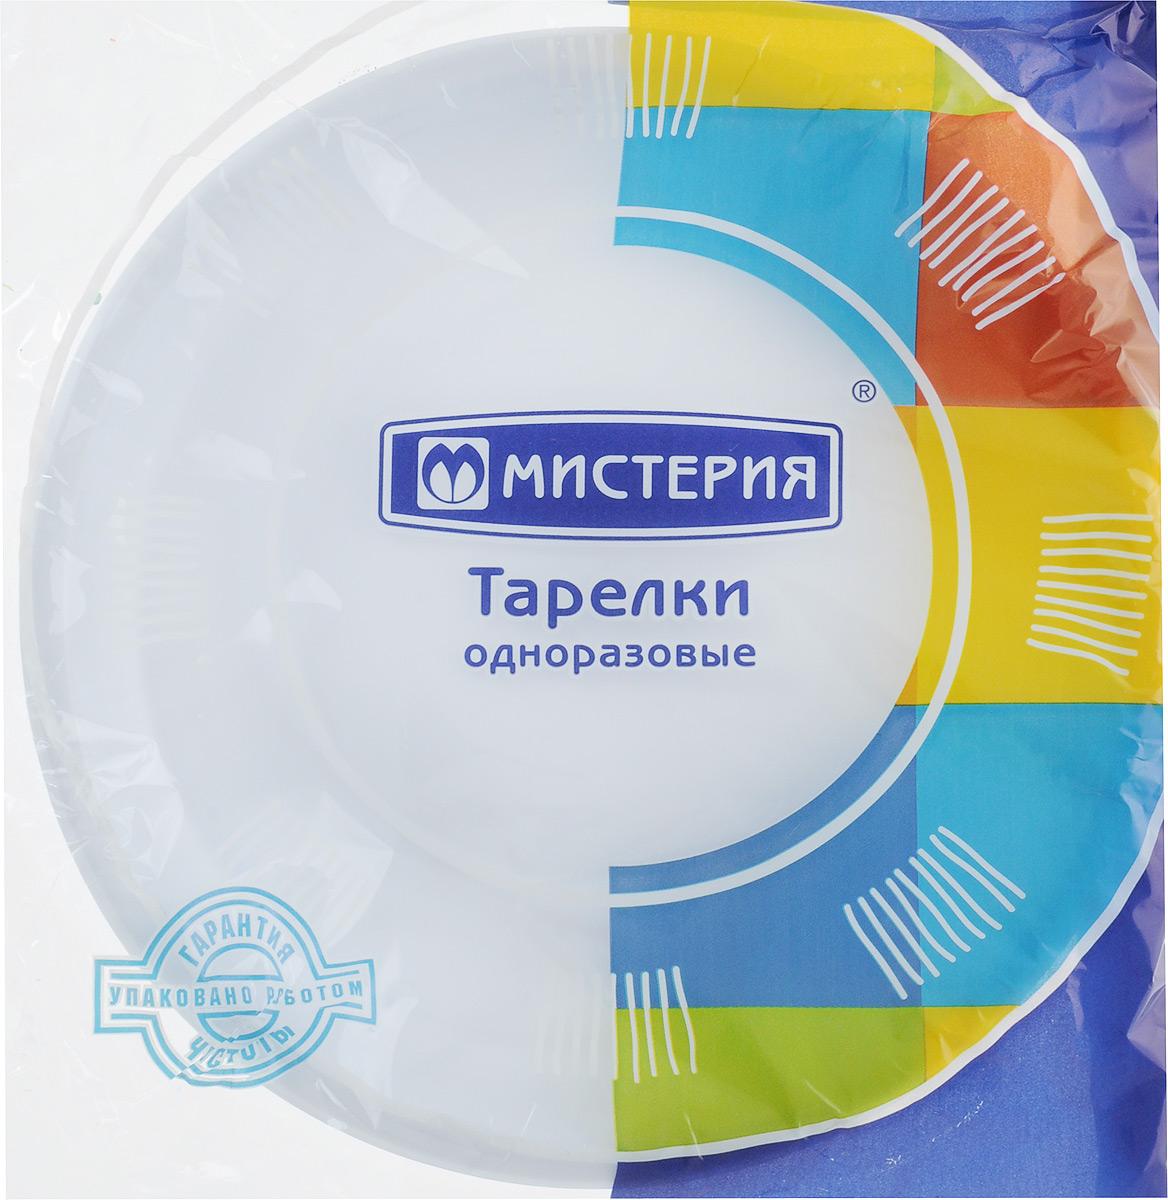 Набор одноразовых тарелок Мистерия, диаметр 20,5 см, 12 шт173715Набор Мистерия состоит из 12 круглых тарелок, выполненных из полистирола и предназначенных для одноразового использования. Подходят для холодных и горячих пищевых продуктов.Одноразовые тарелки будут незаменимы при поездках на природу, пикниках и других мероприятиях. Они не займут много места, легки и самое главное - после использования их не надо мыть.Диаметр тарелки: 20,5 см.Высота тарелки: 1,5 см.